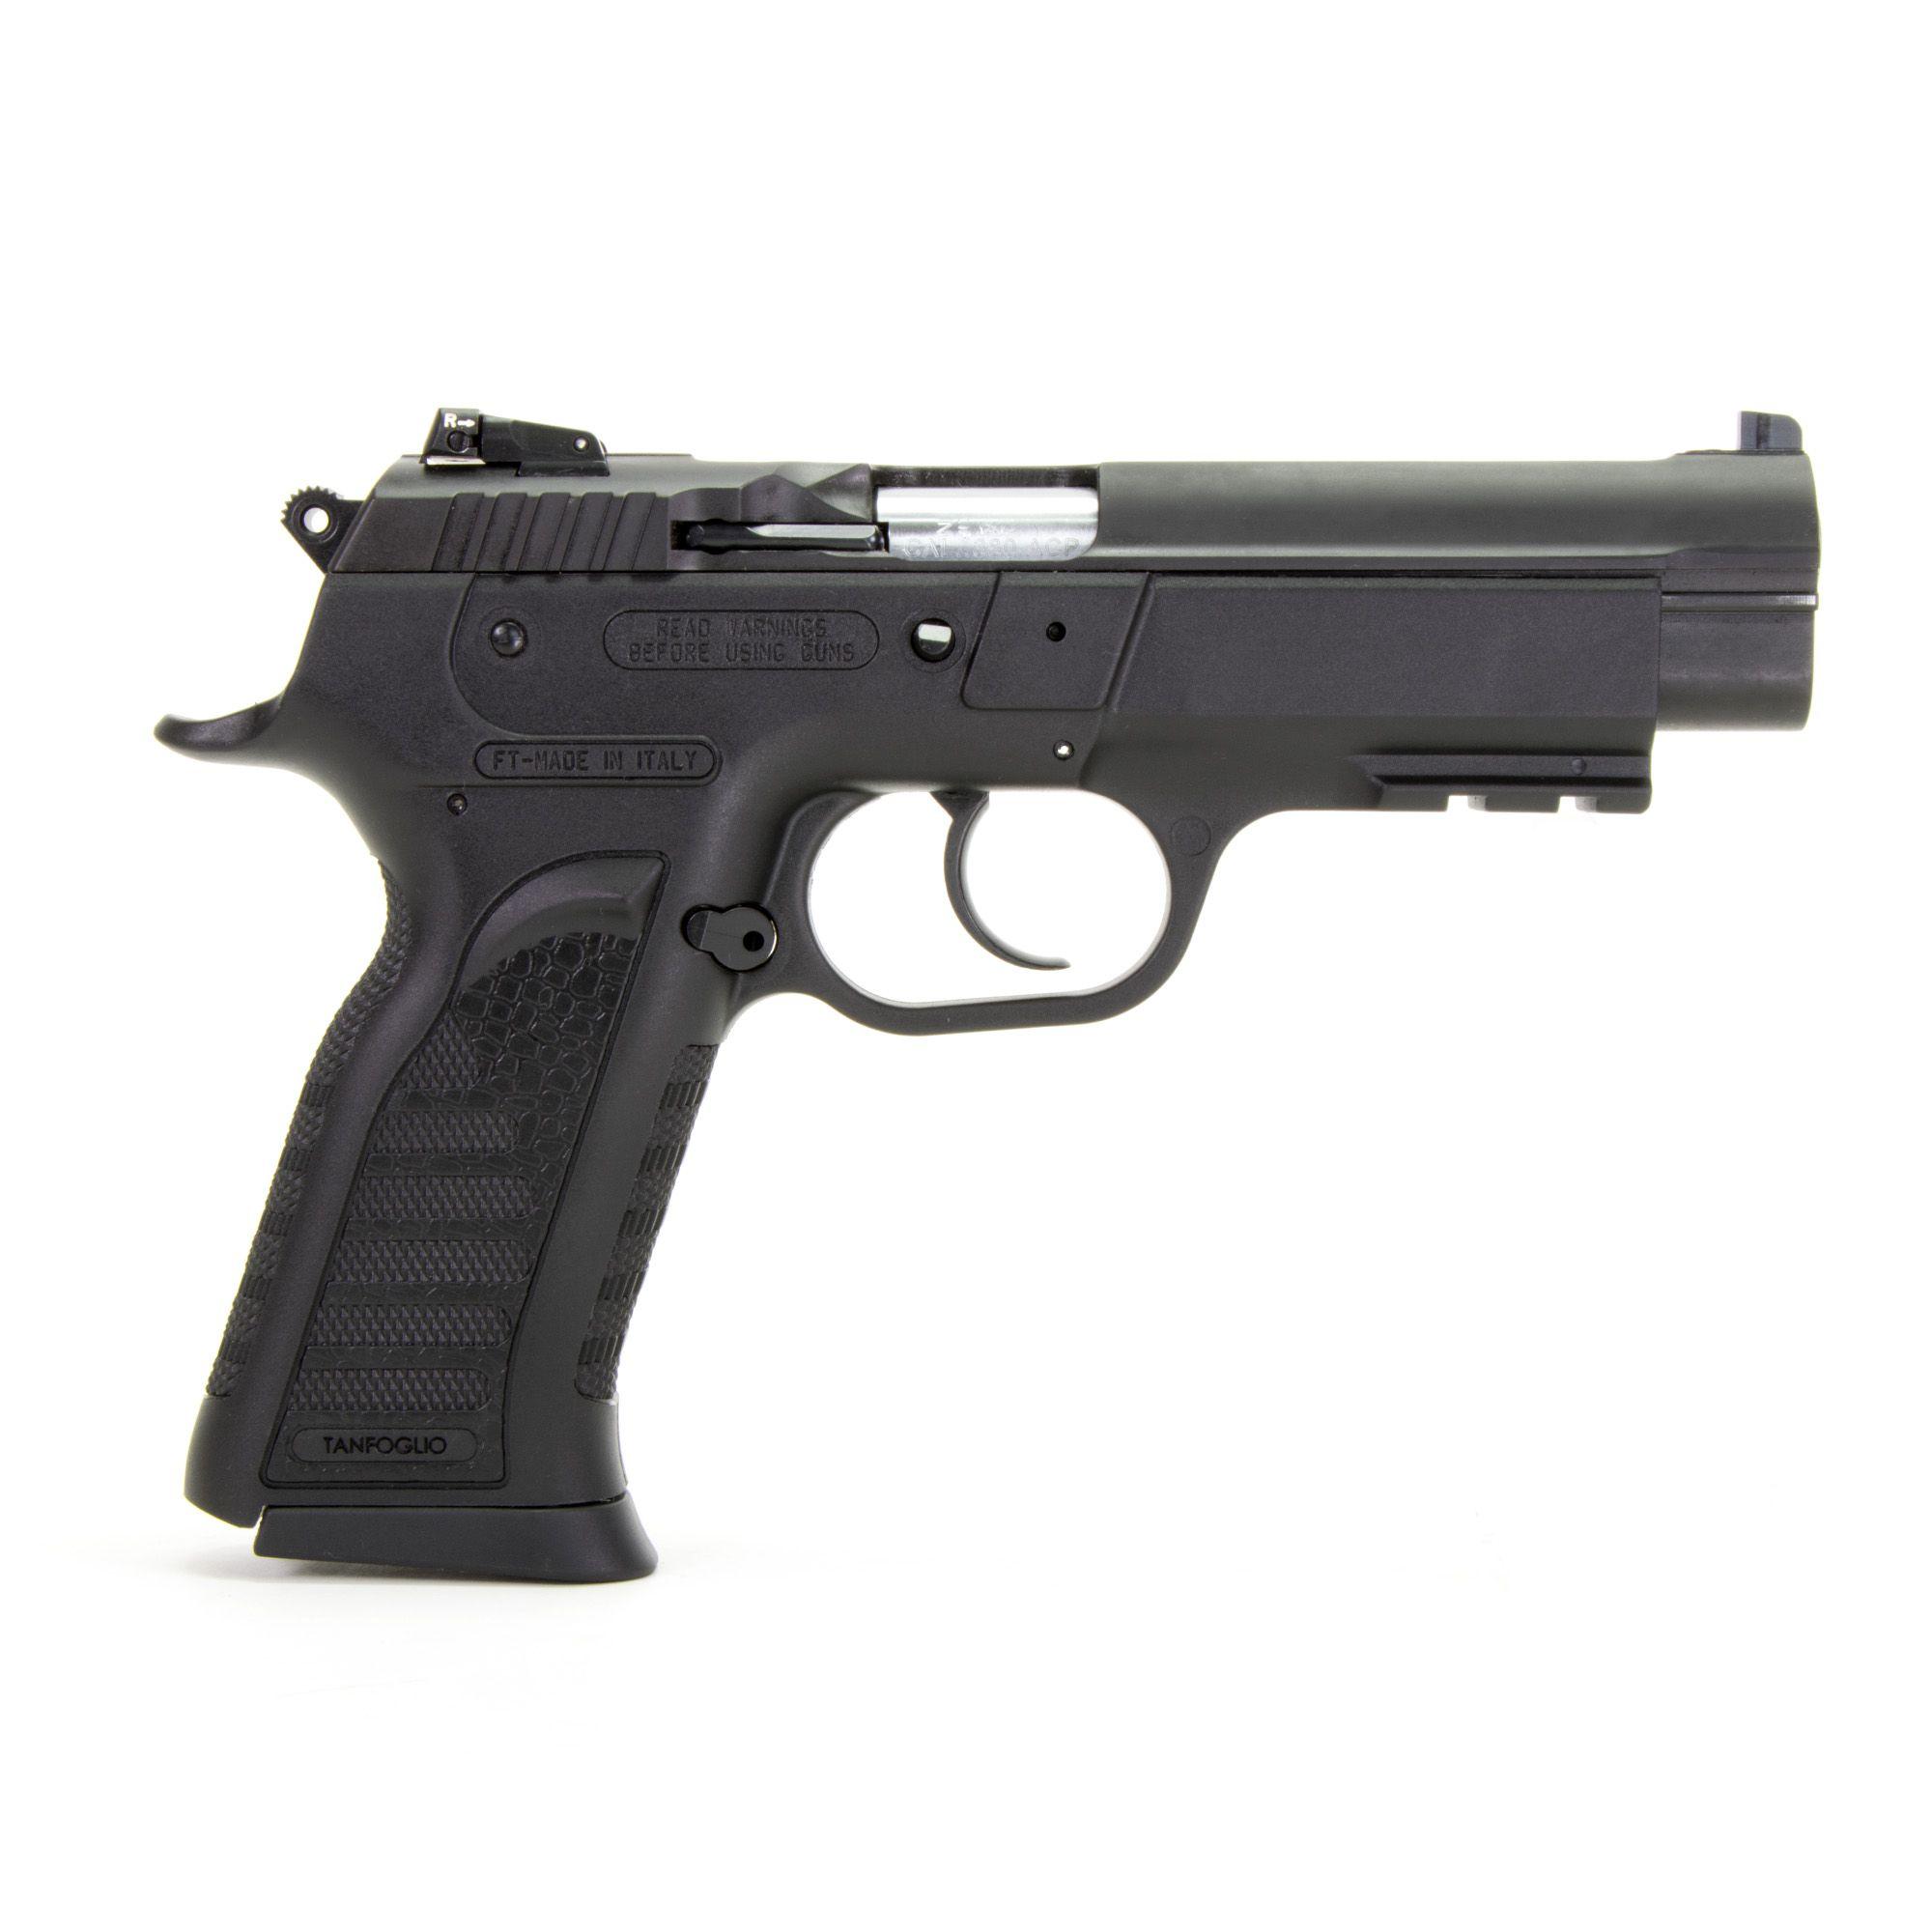 Pistola Tanfoglio FT9 FS (Full Size) - Calibre .380ACP